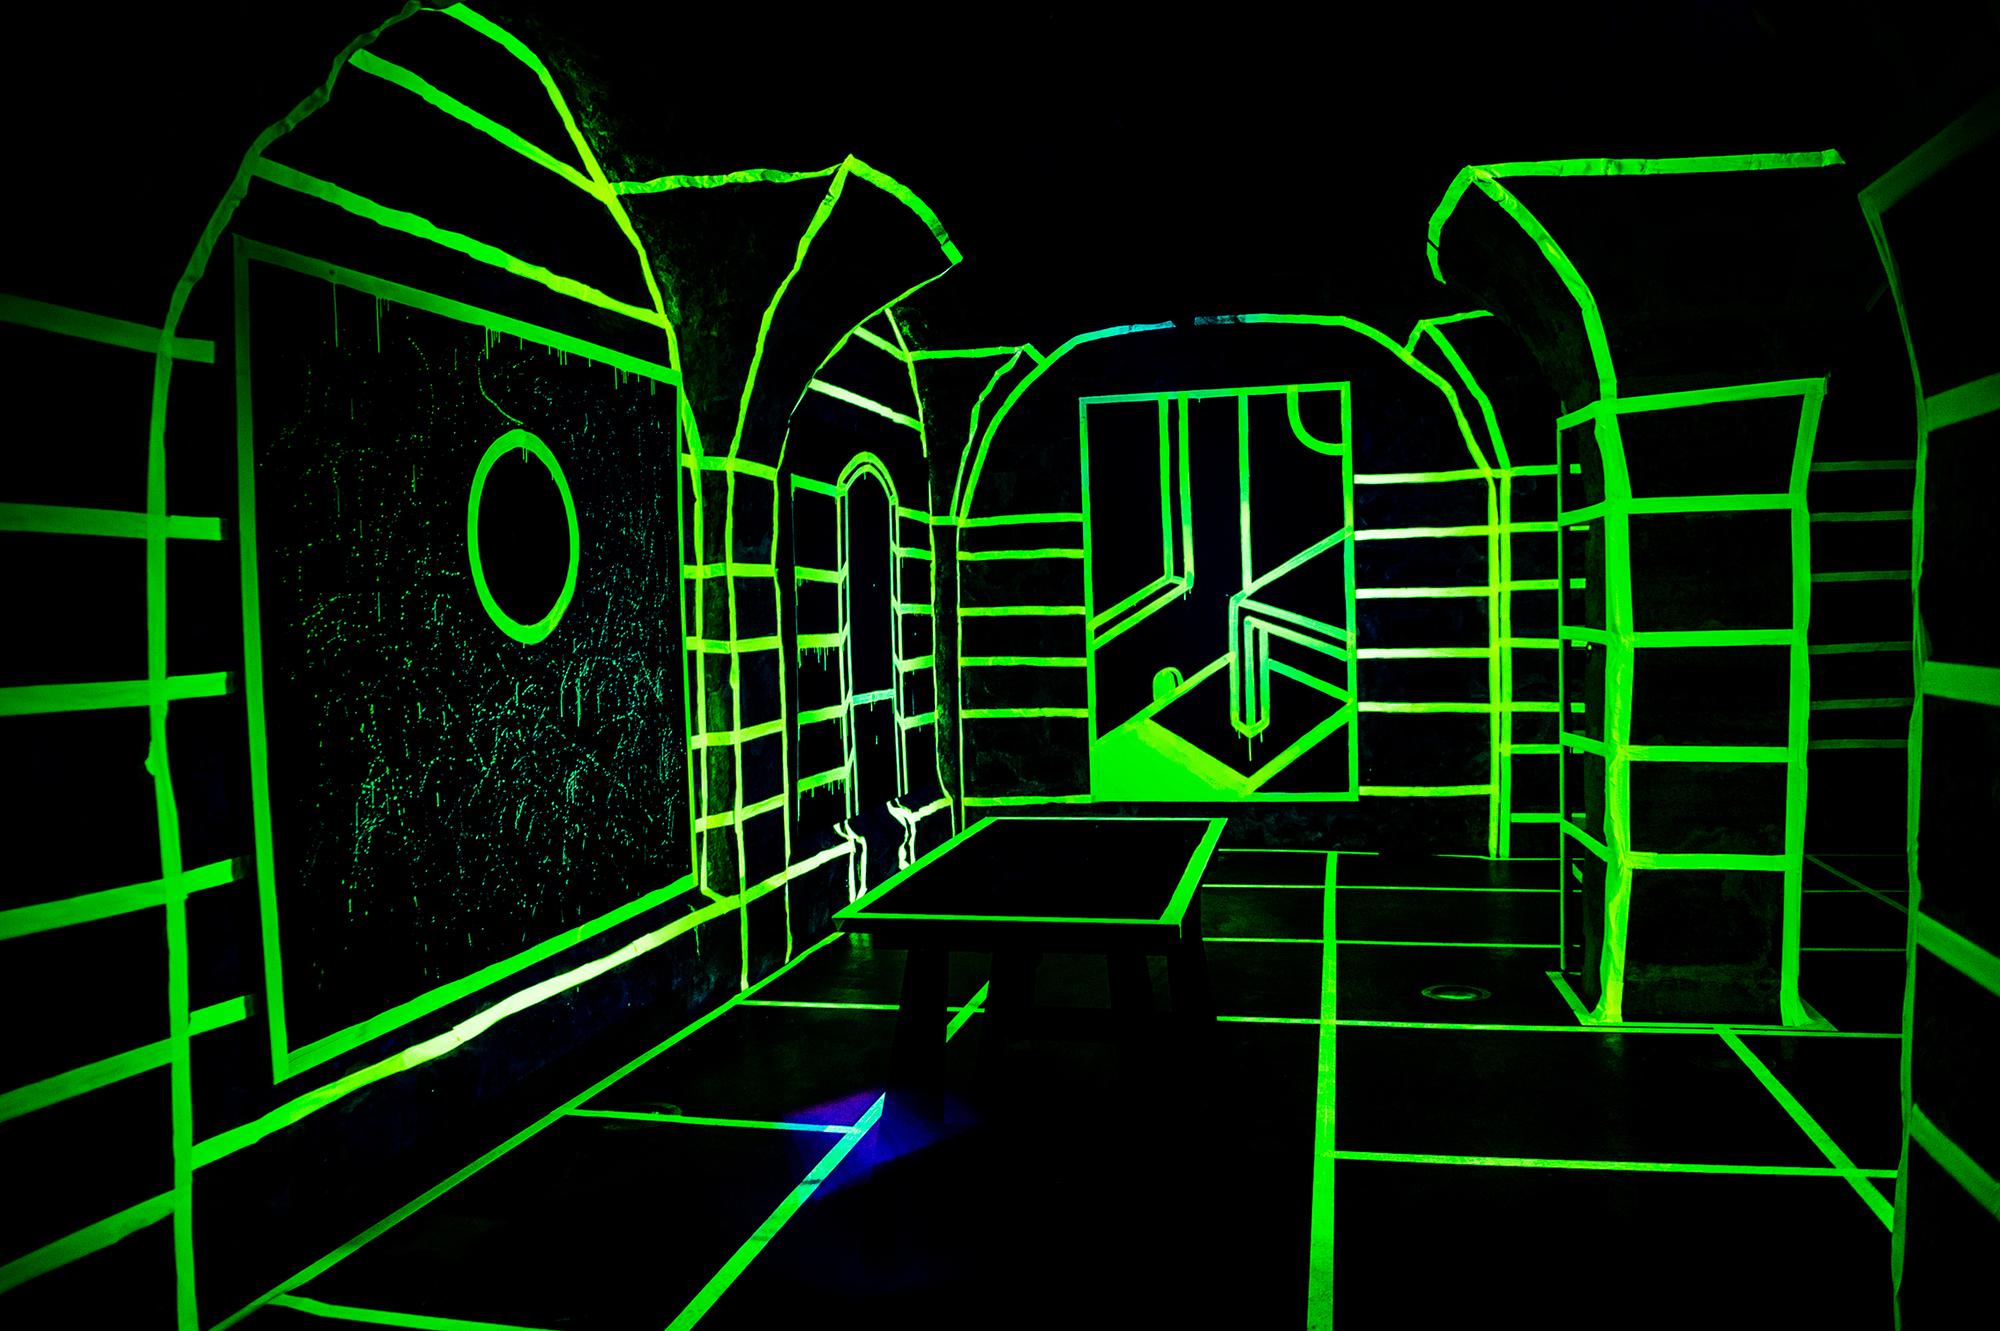 Joshua Vides glow in the dark exhibit 2